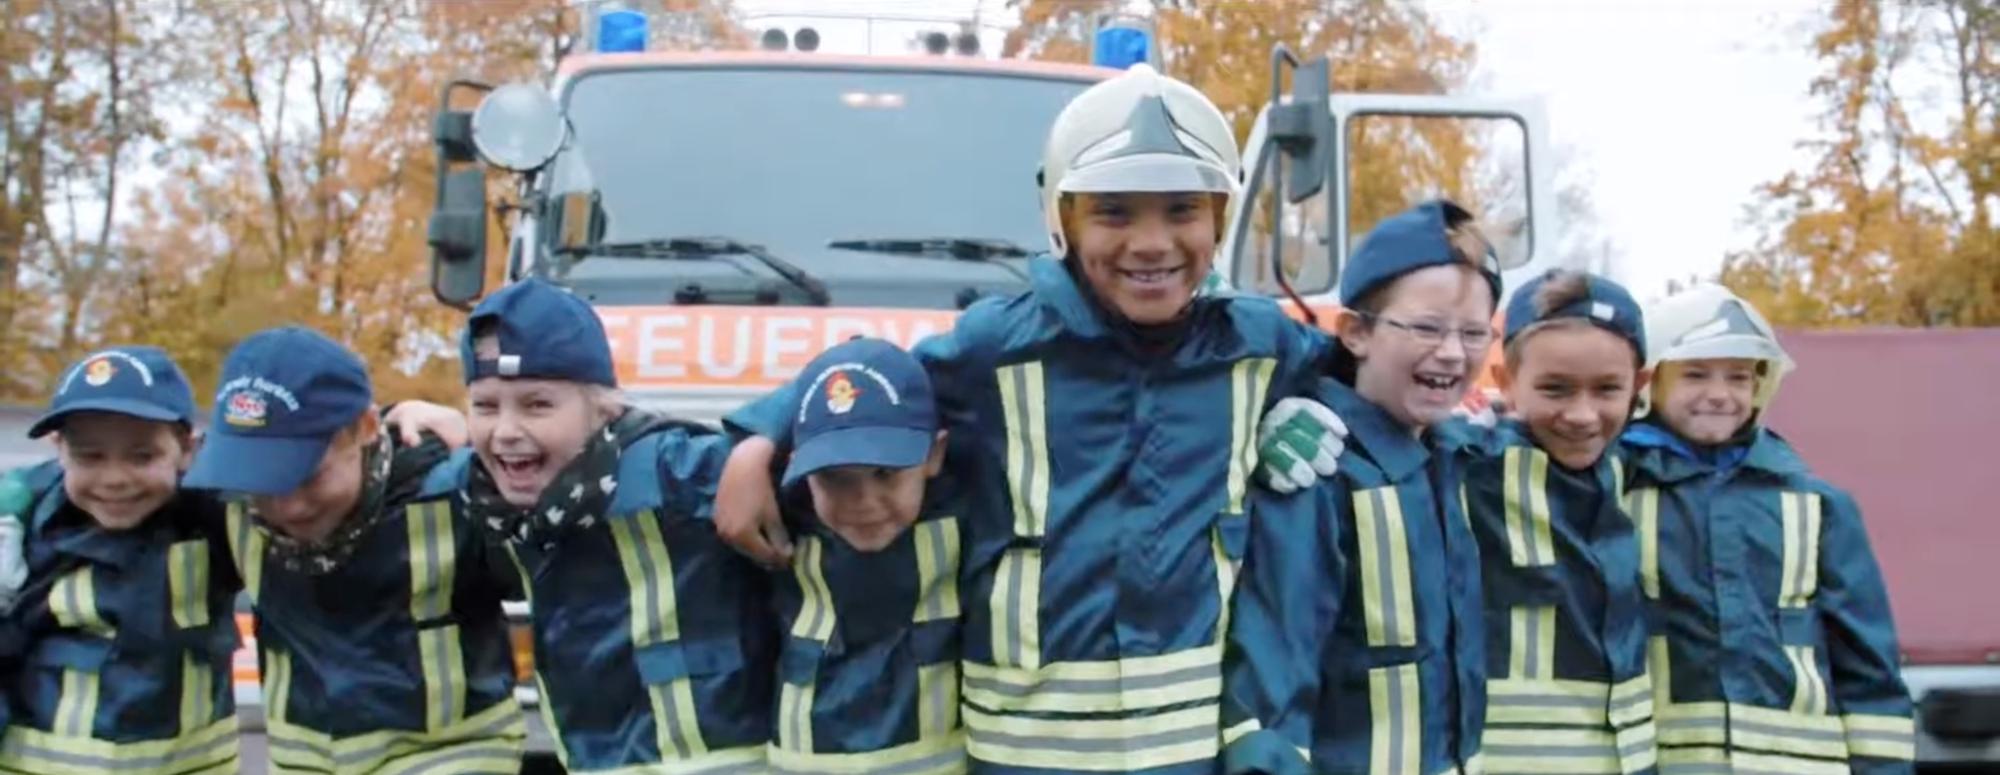 Kinderfeuerwehr Wiesbaden